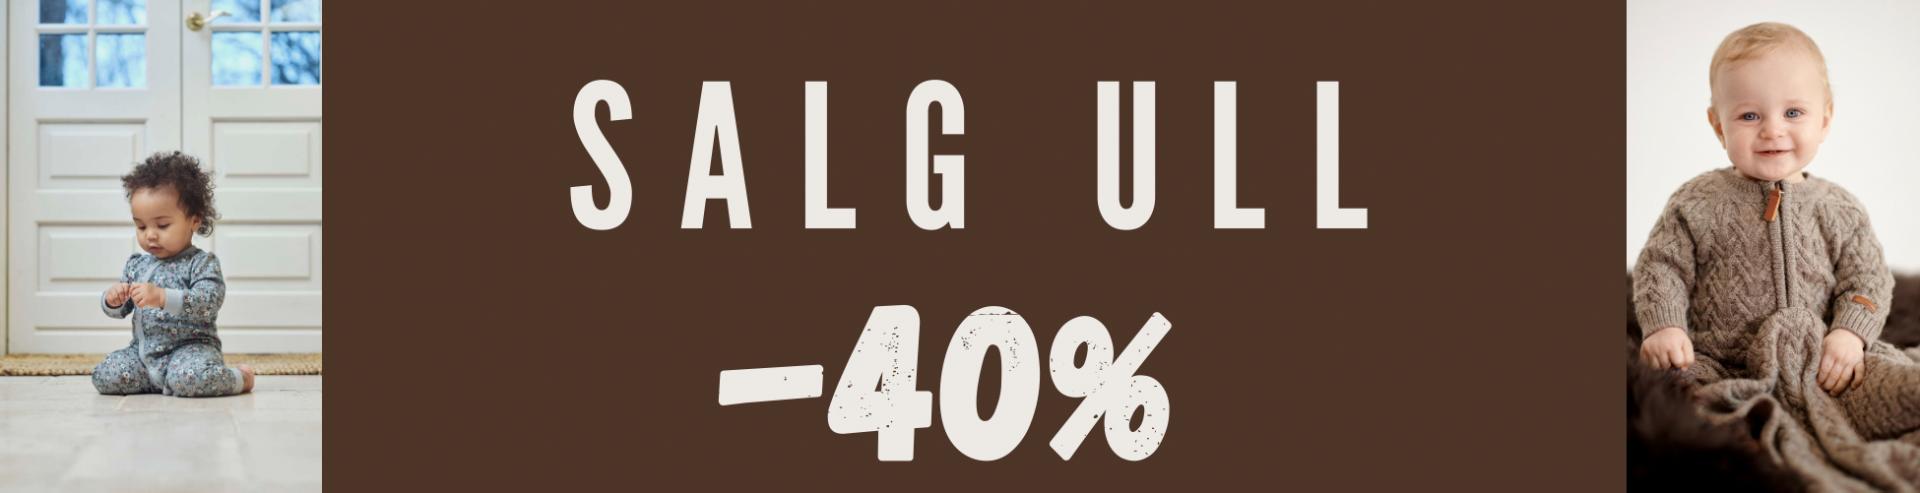 SALG ULL -40%